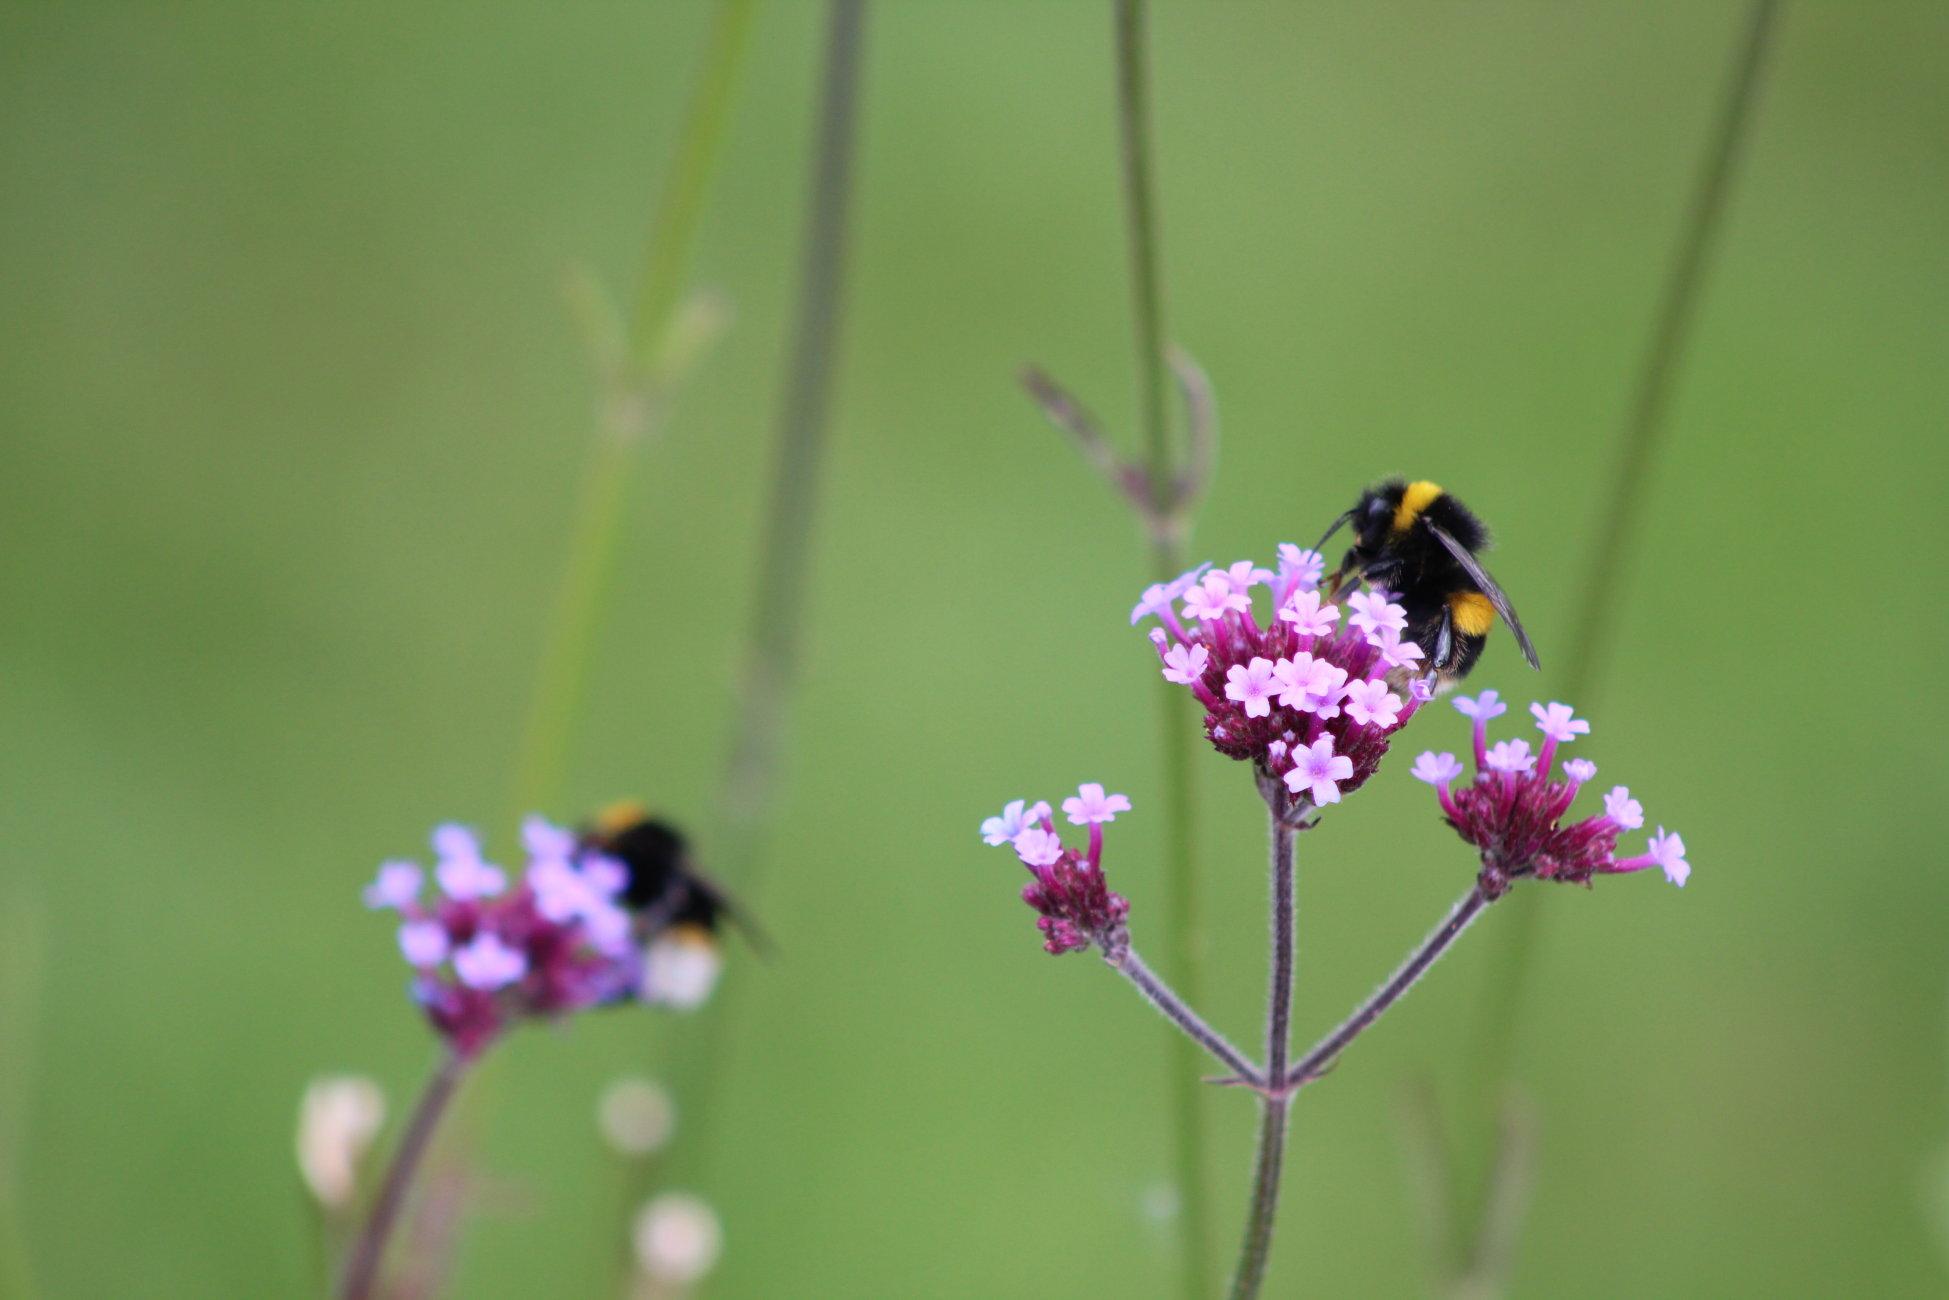 Bee on Flower July 2020